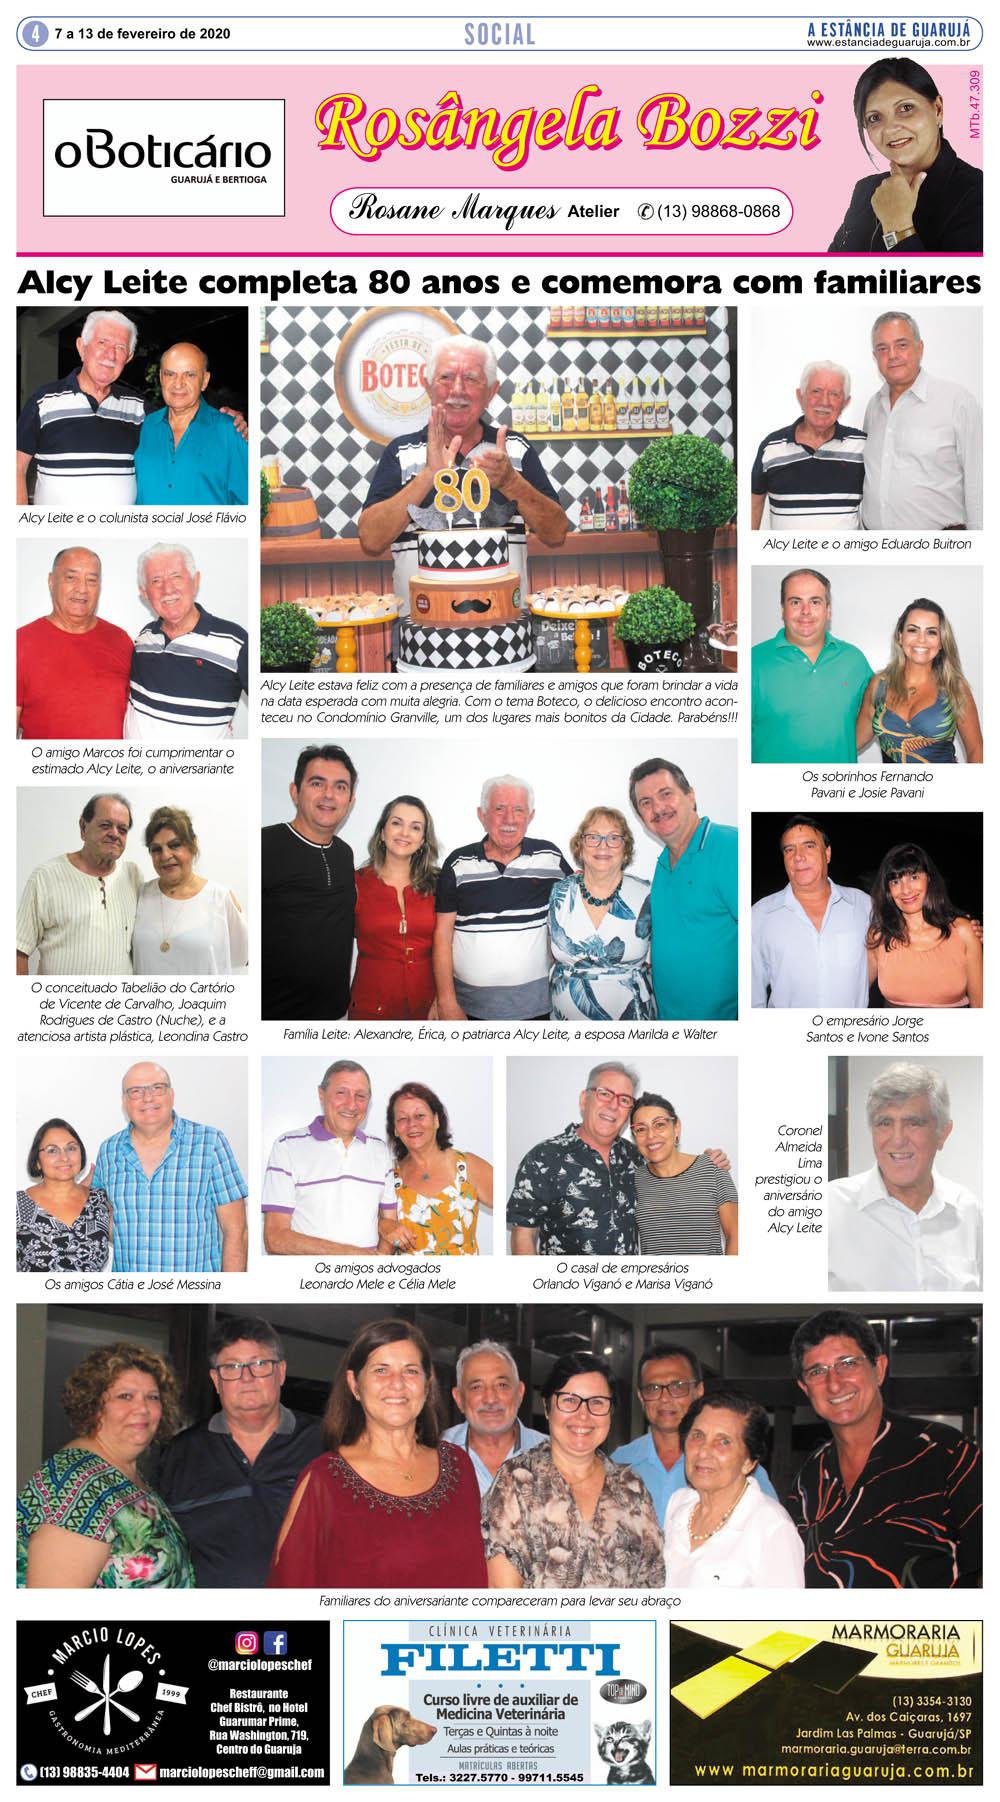 Alcy Leite completa 80 anos e comemora com familiares